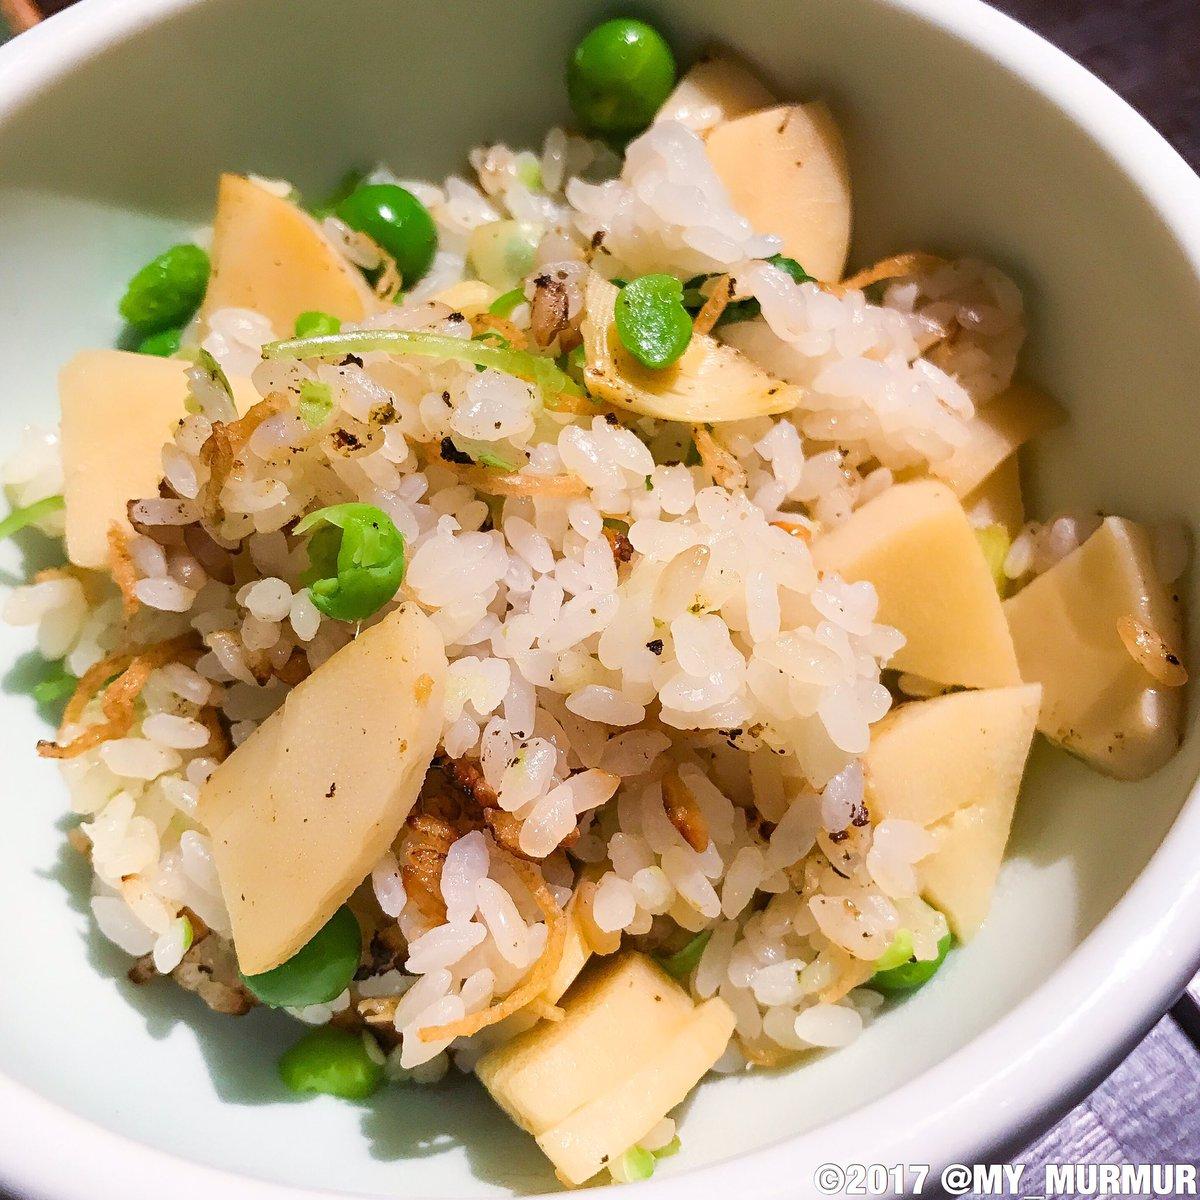 なんだかんだ言って、やっぱり米のメシは旨い。